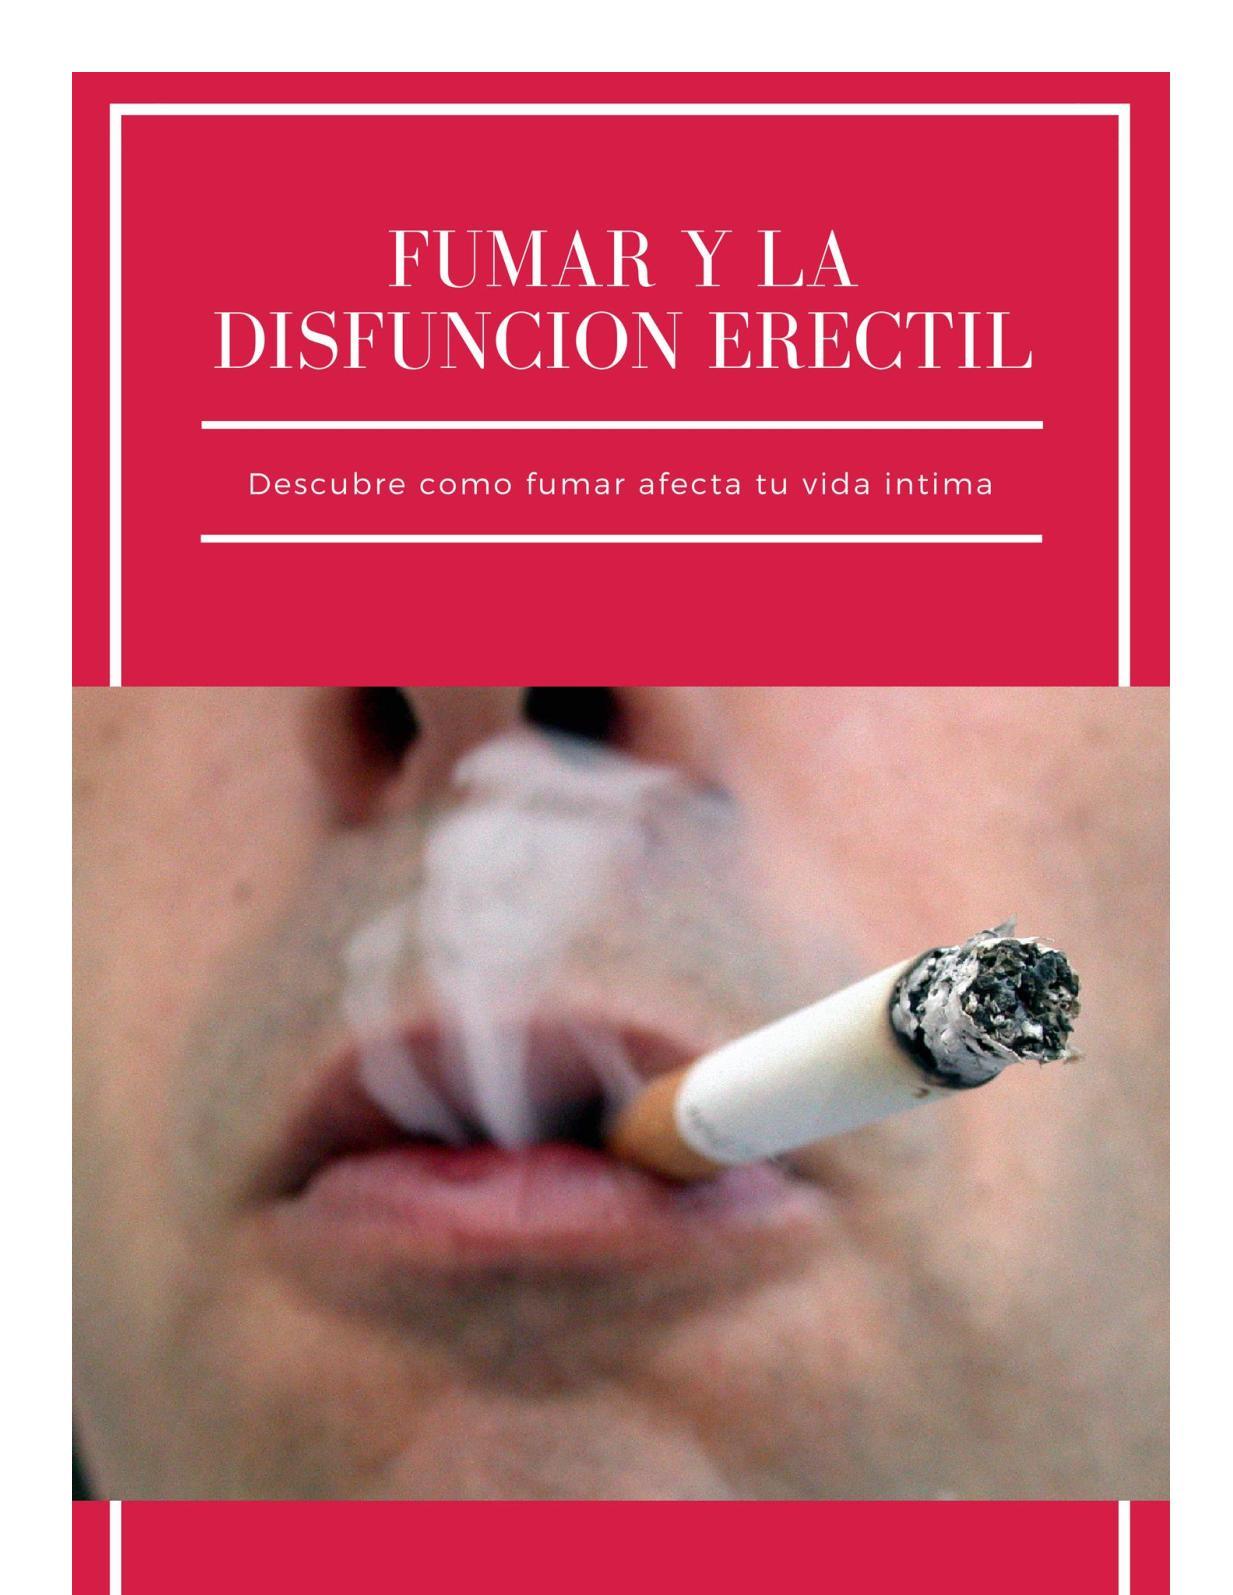 ¿La nicotina se vuelve disfunción eréctil?